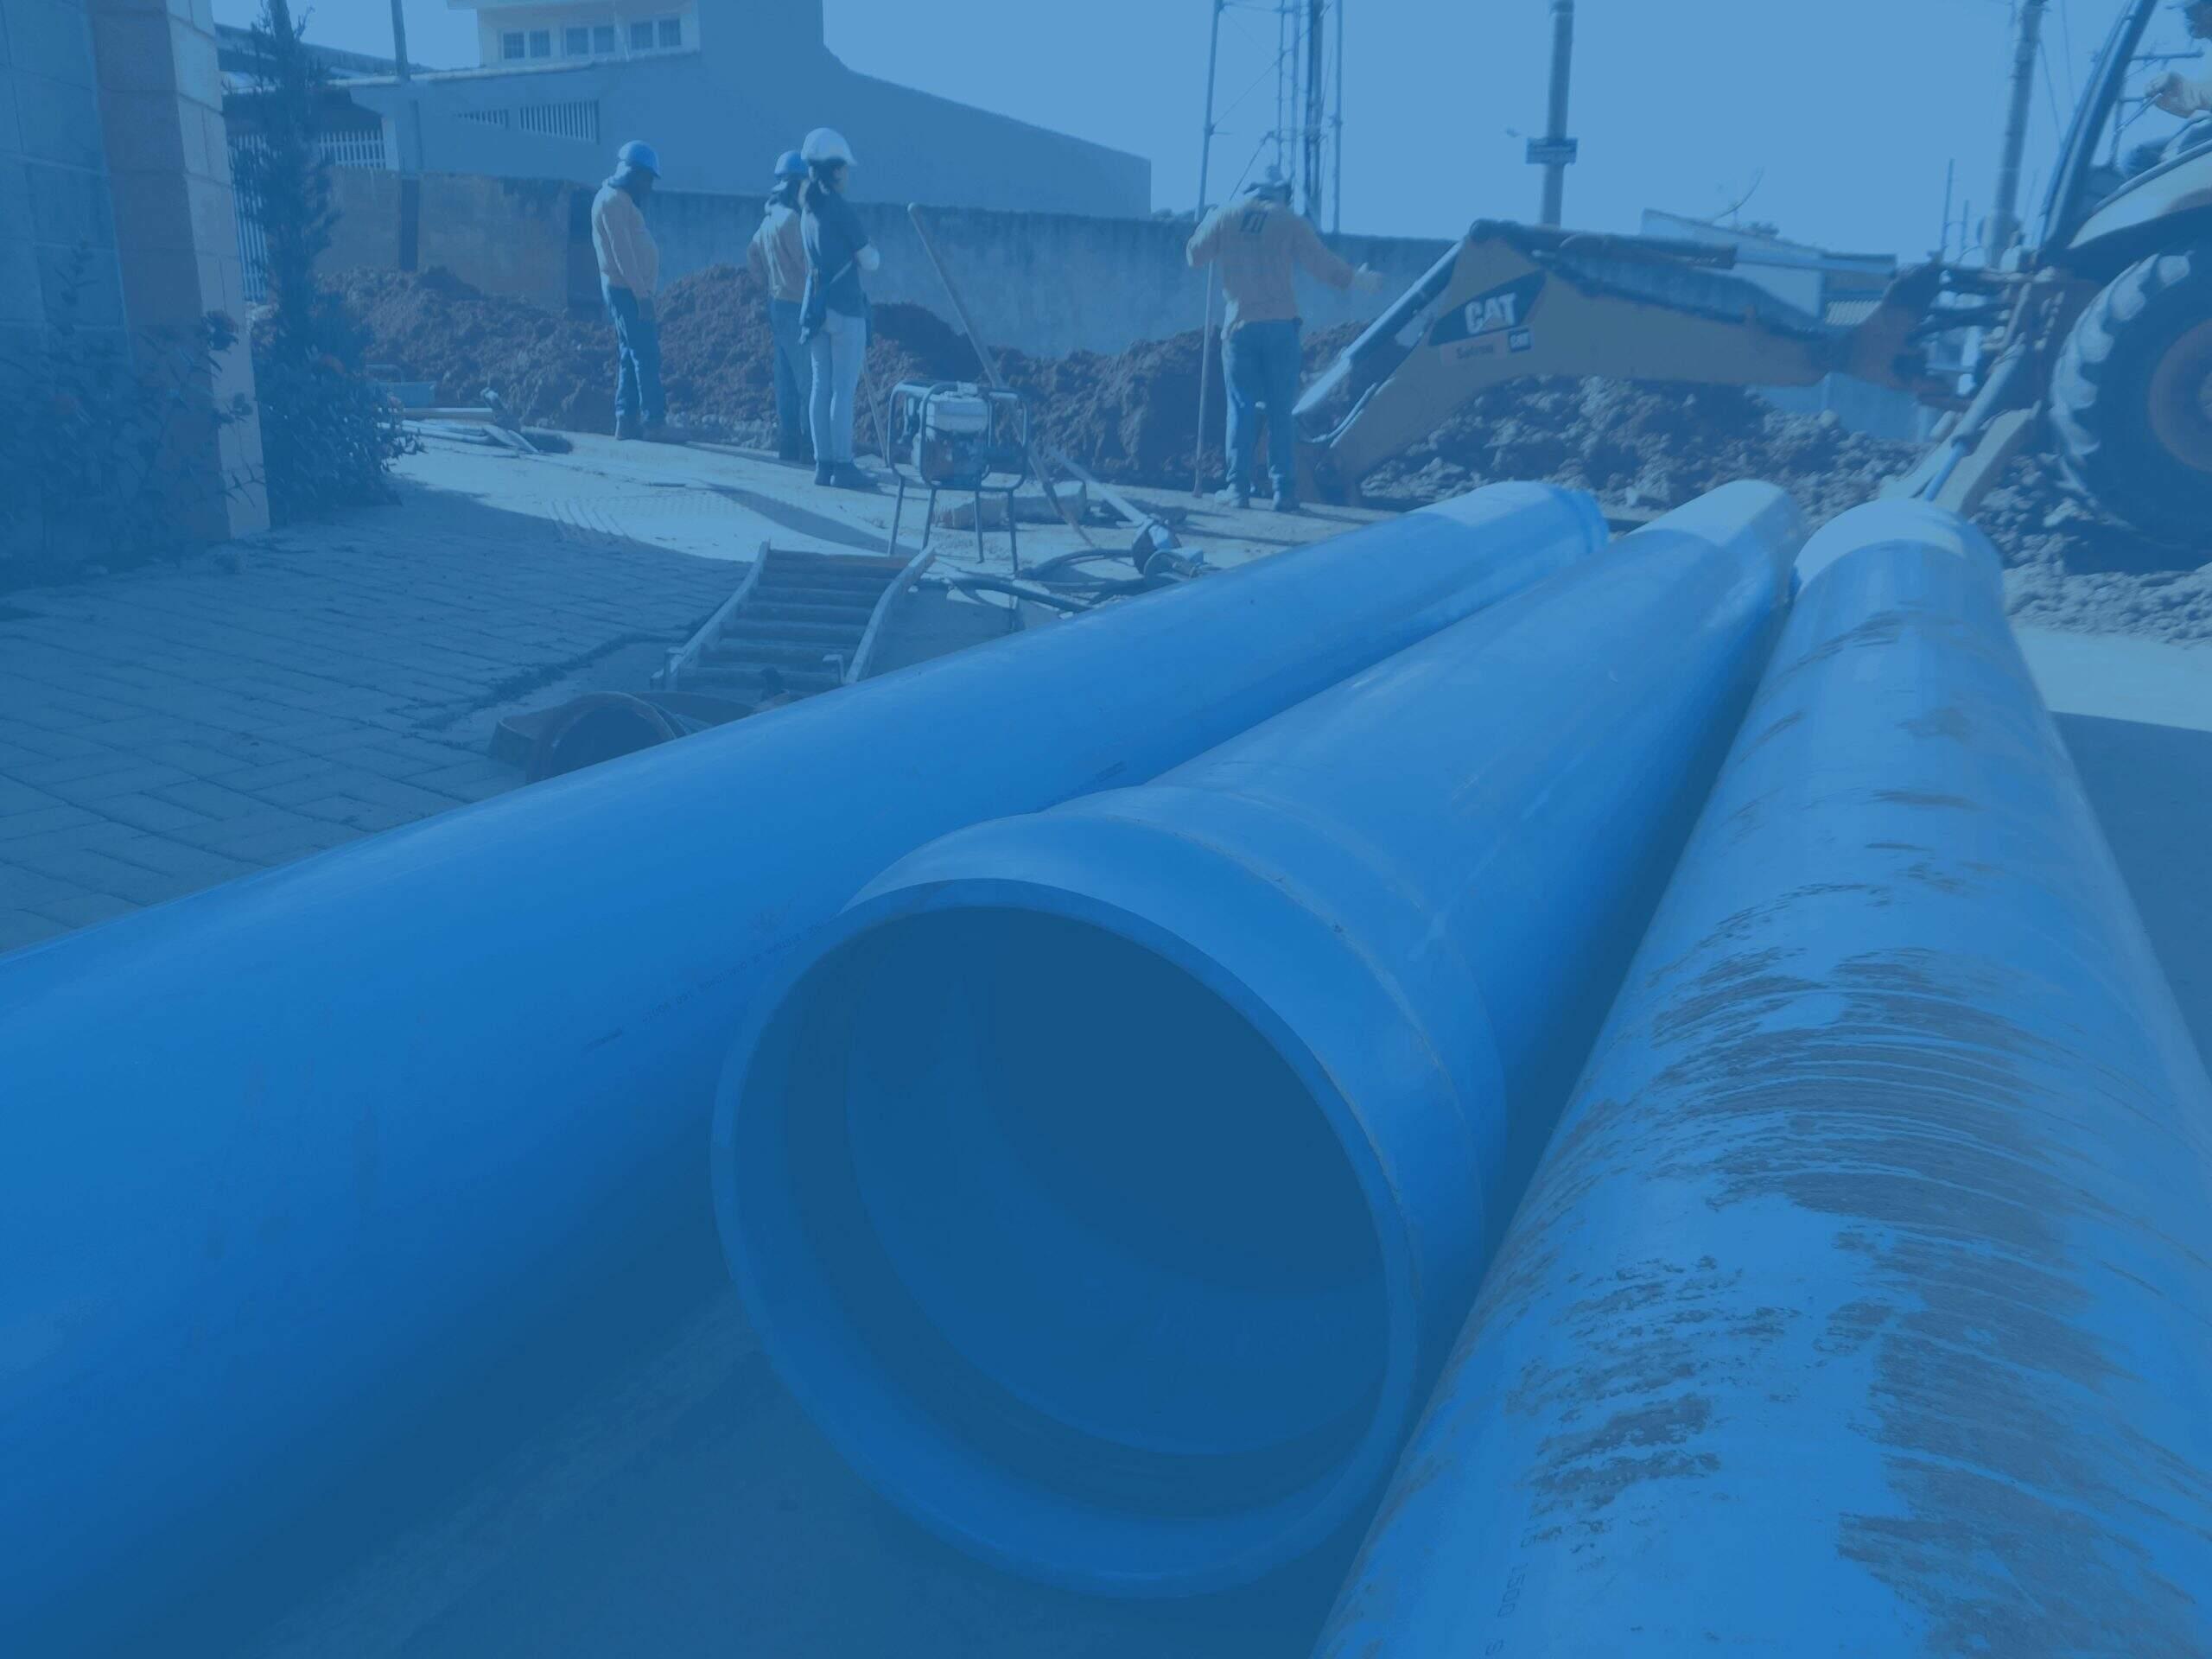 Guilherme Gazzola concluir obras que melhoram abastecimento de água em Itu.